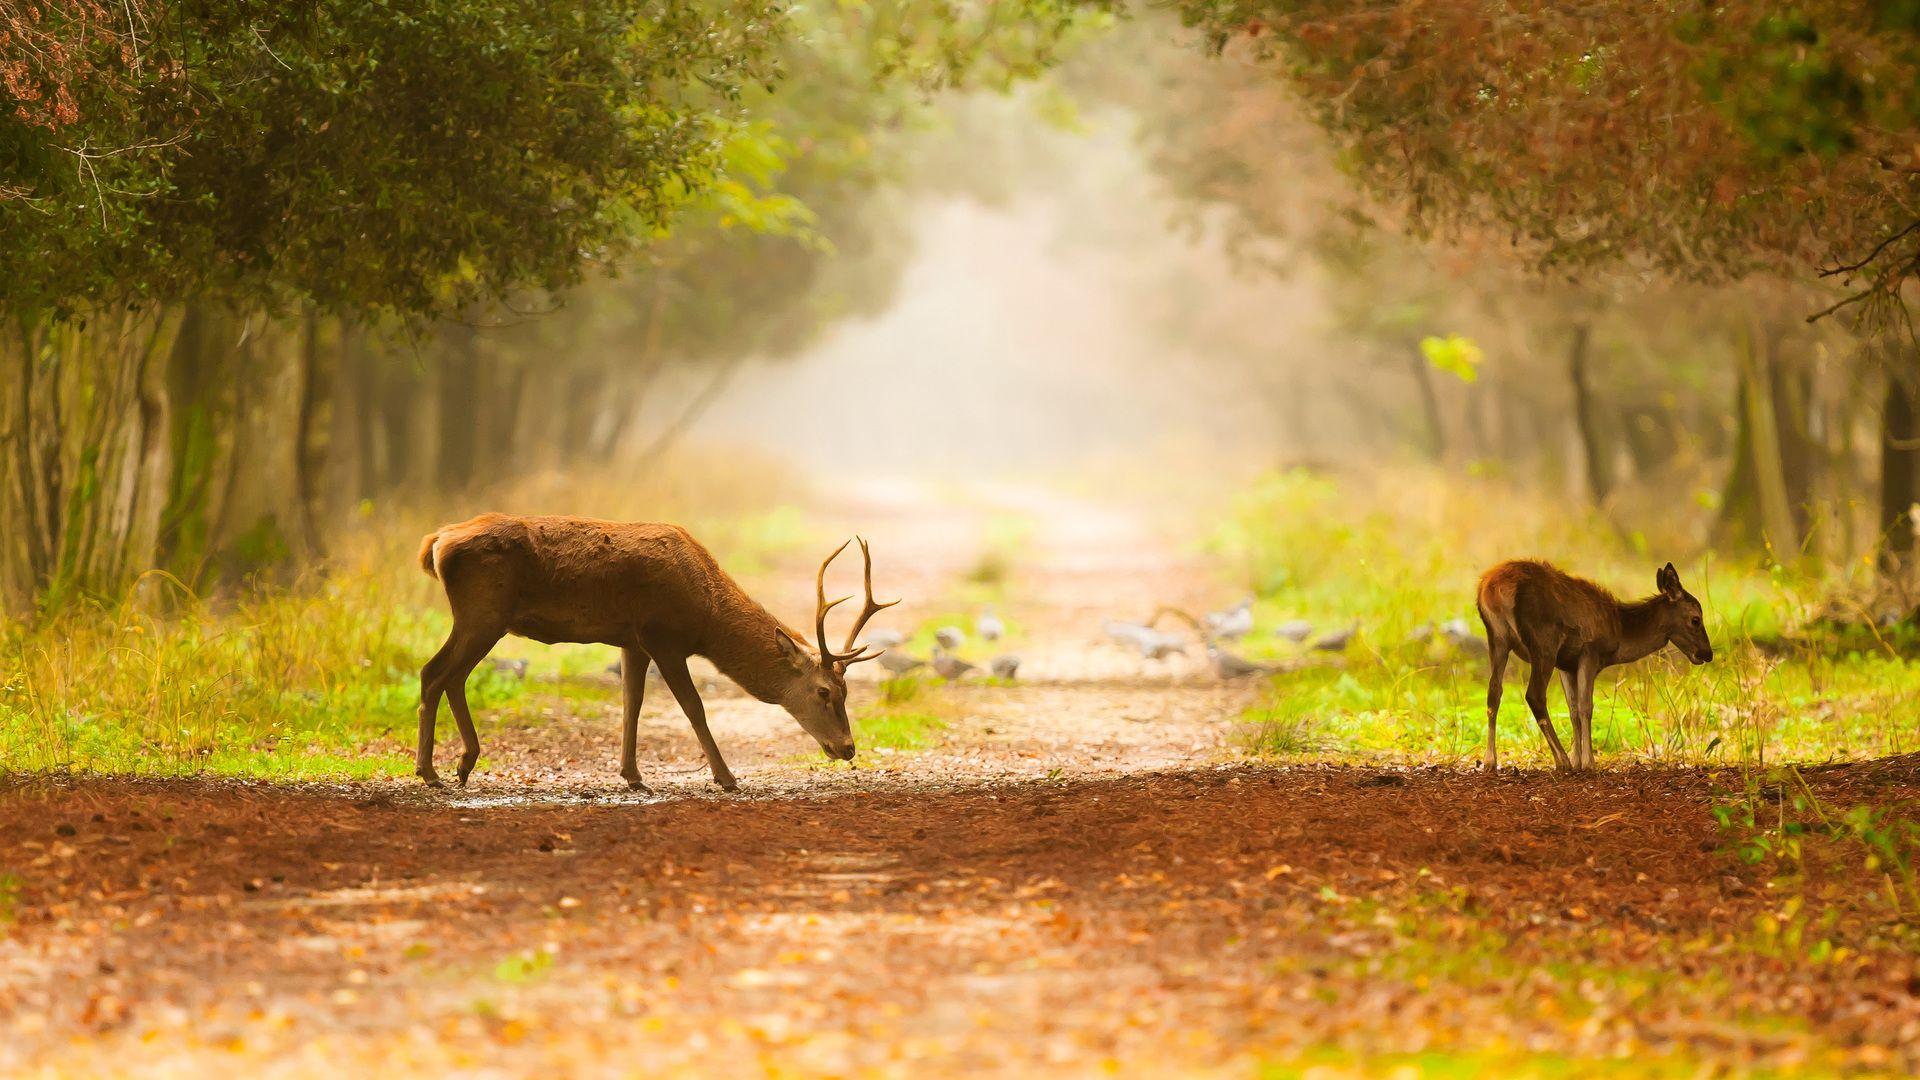 Deer full hd wallpaper